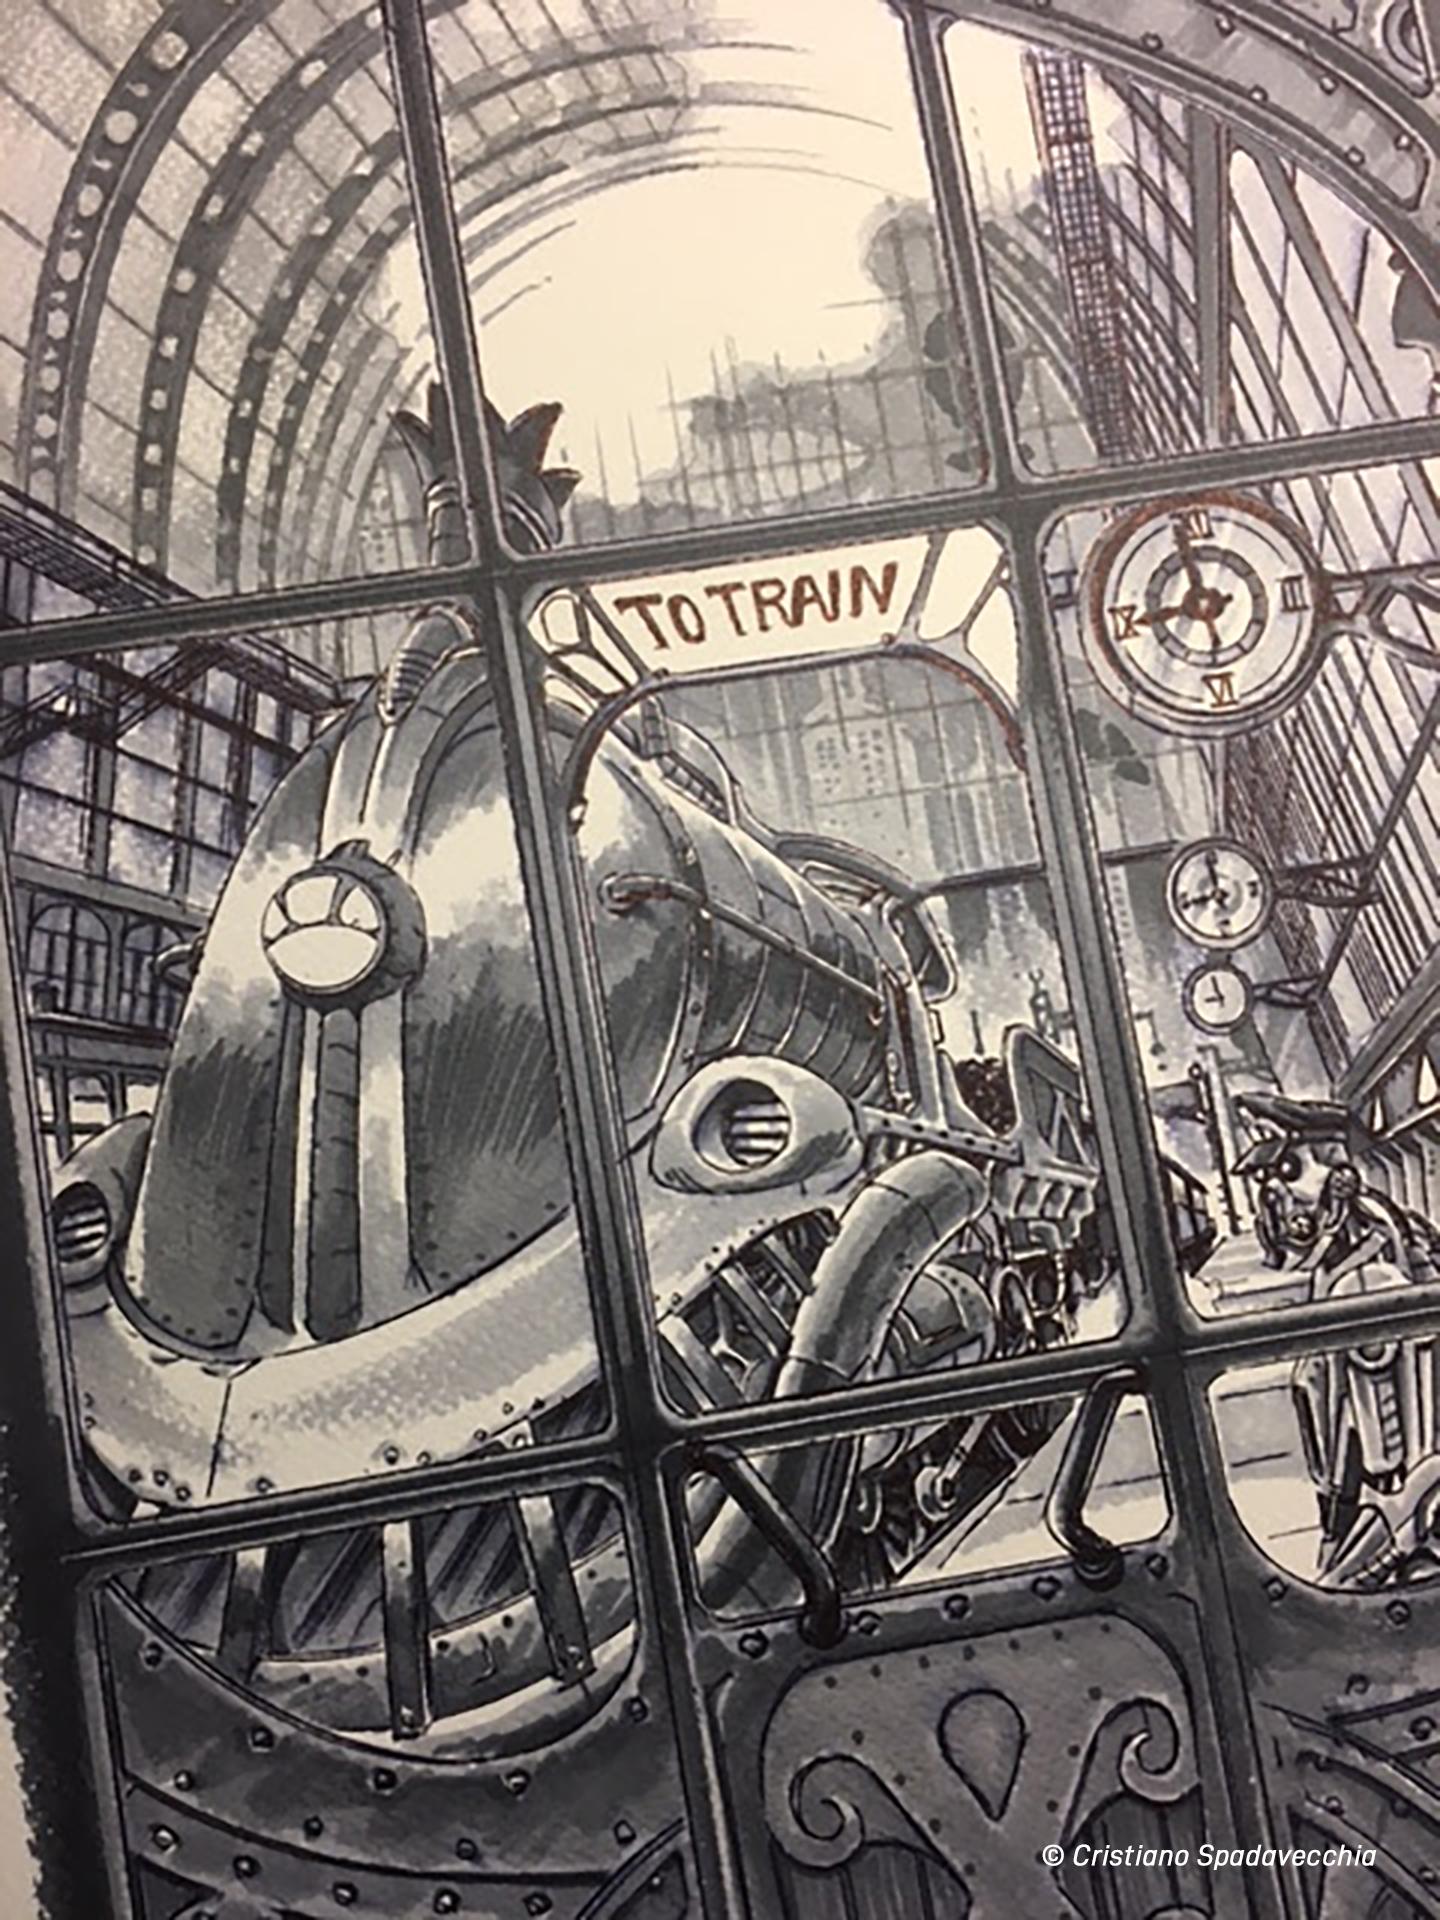 Cristiano Spadavecchia Master di Fumetto